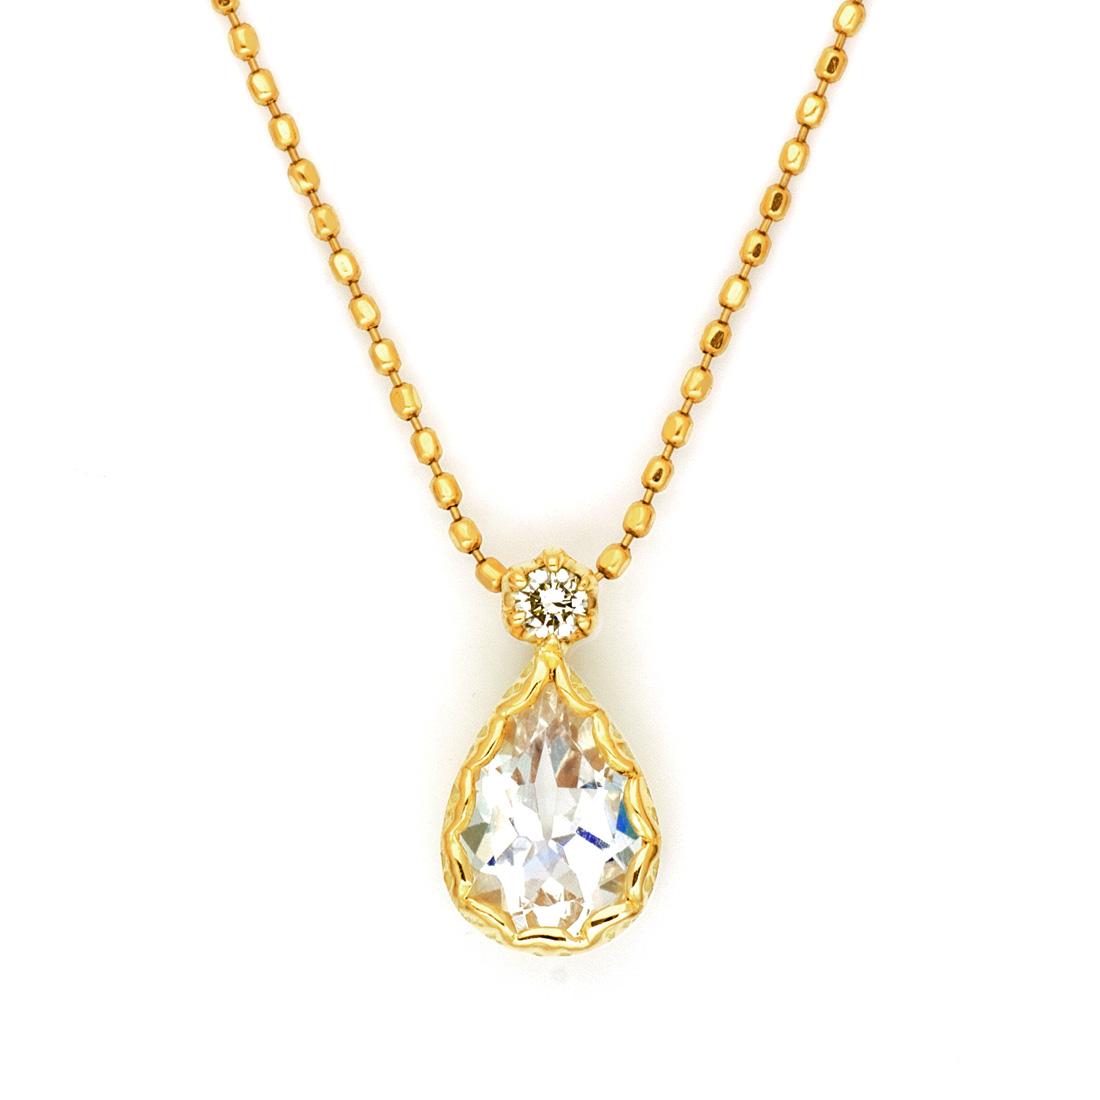 【GWクーポン配布中】ペンダントトップ ブルームーンストーン ダイヤモンド 「goccia」 ゴールド K18 送料無料